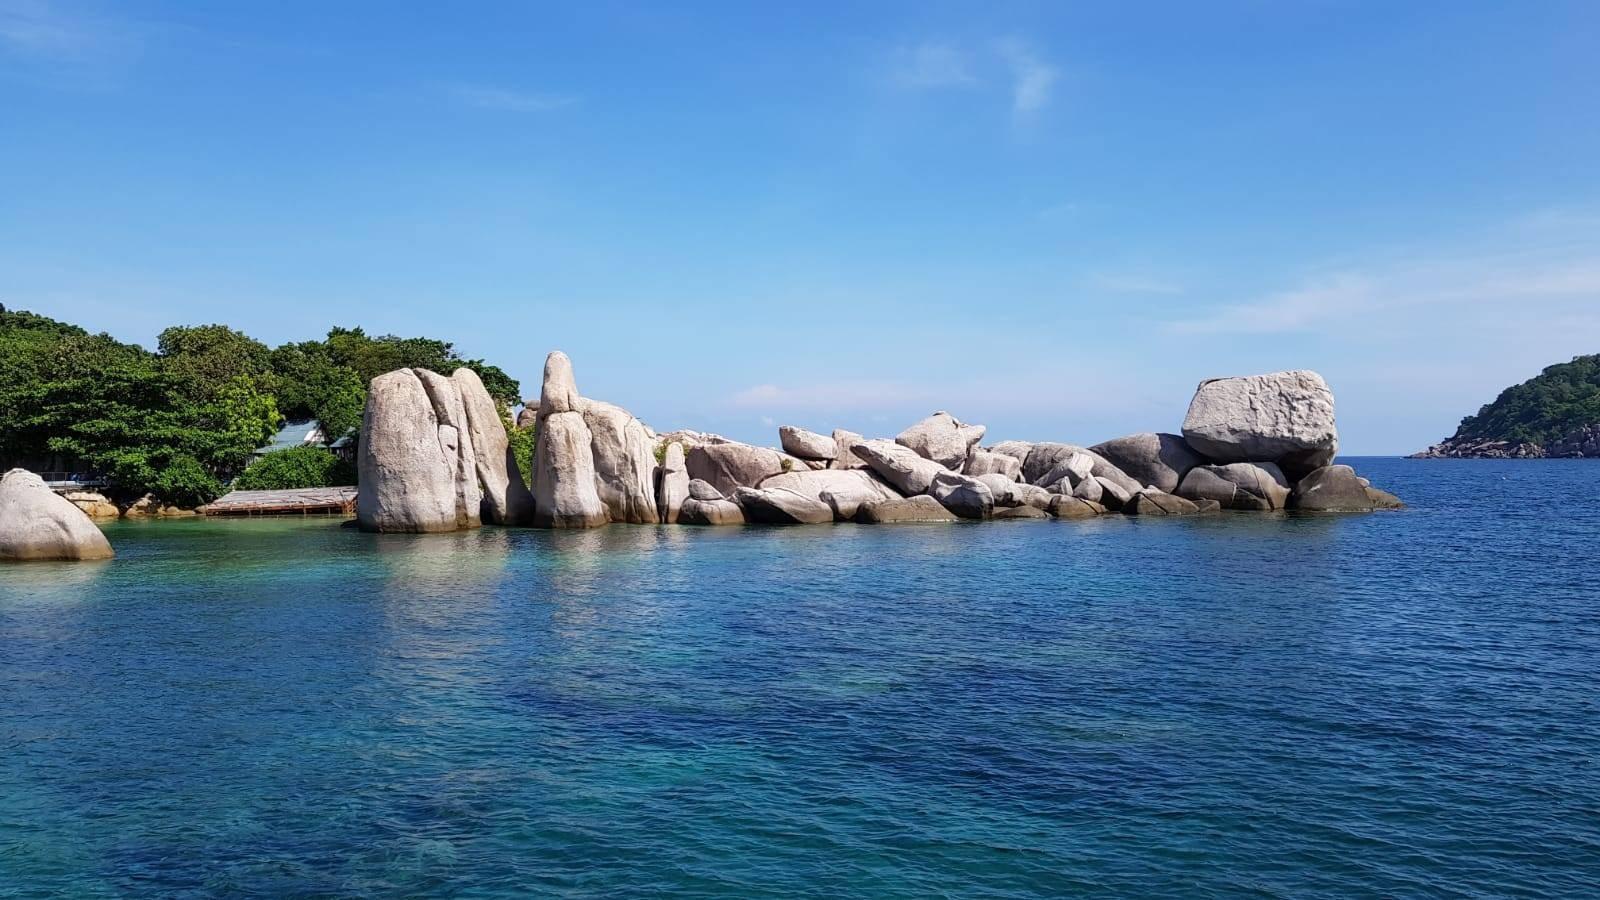 จุดดำน้ำ เกาะนางยวน